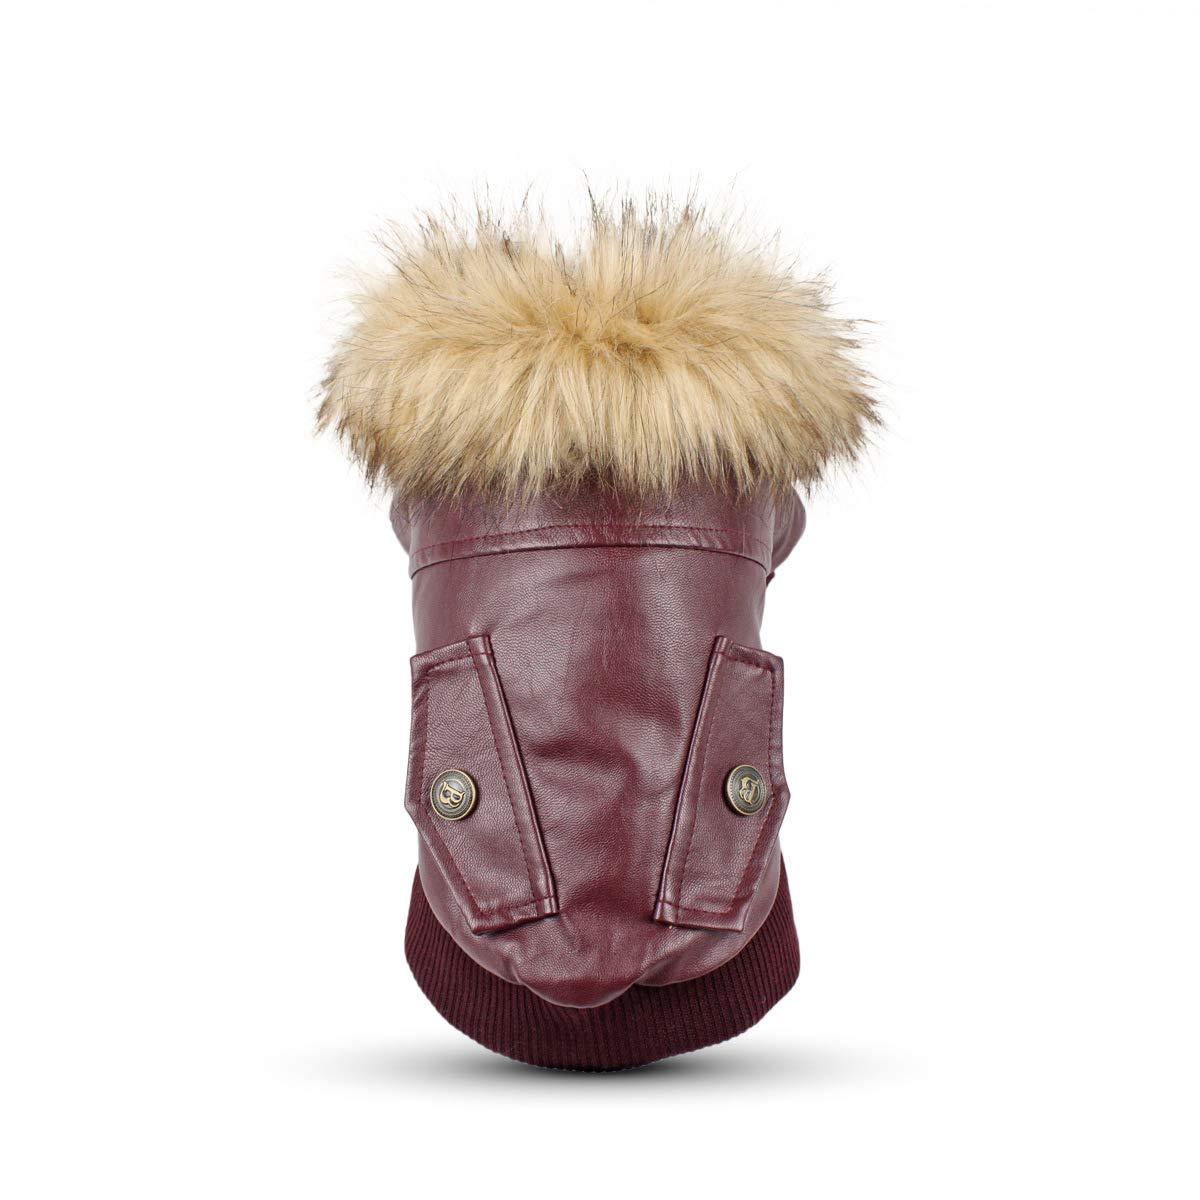 PETCUTE Abbigliamento invernale per cani, accogliente giacca da cucciolo, cappotti per cani, vestiti caldi per animali domestici, abbigliamento per cani